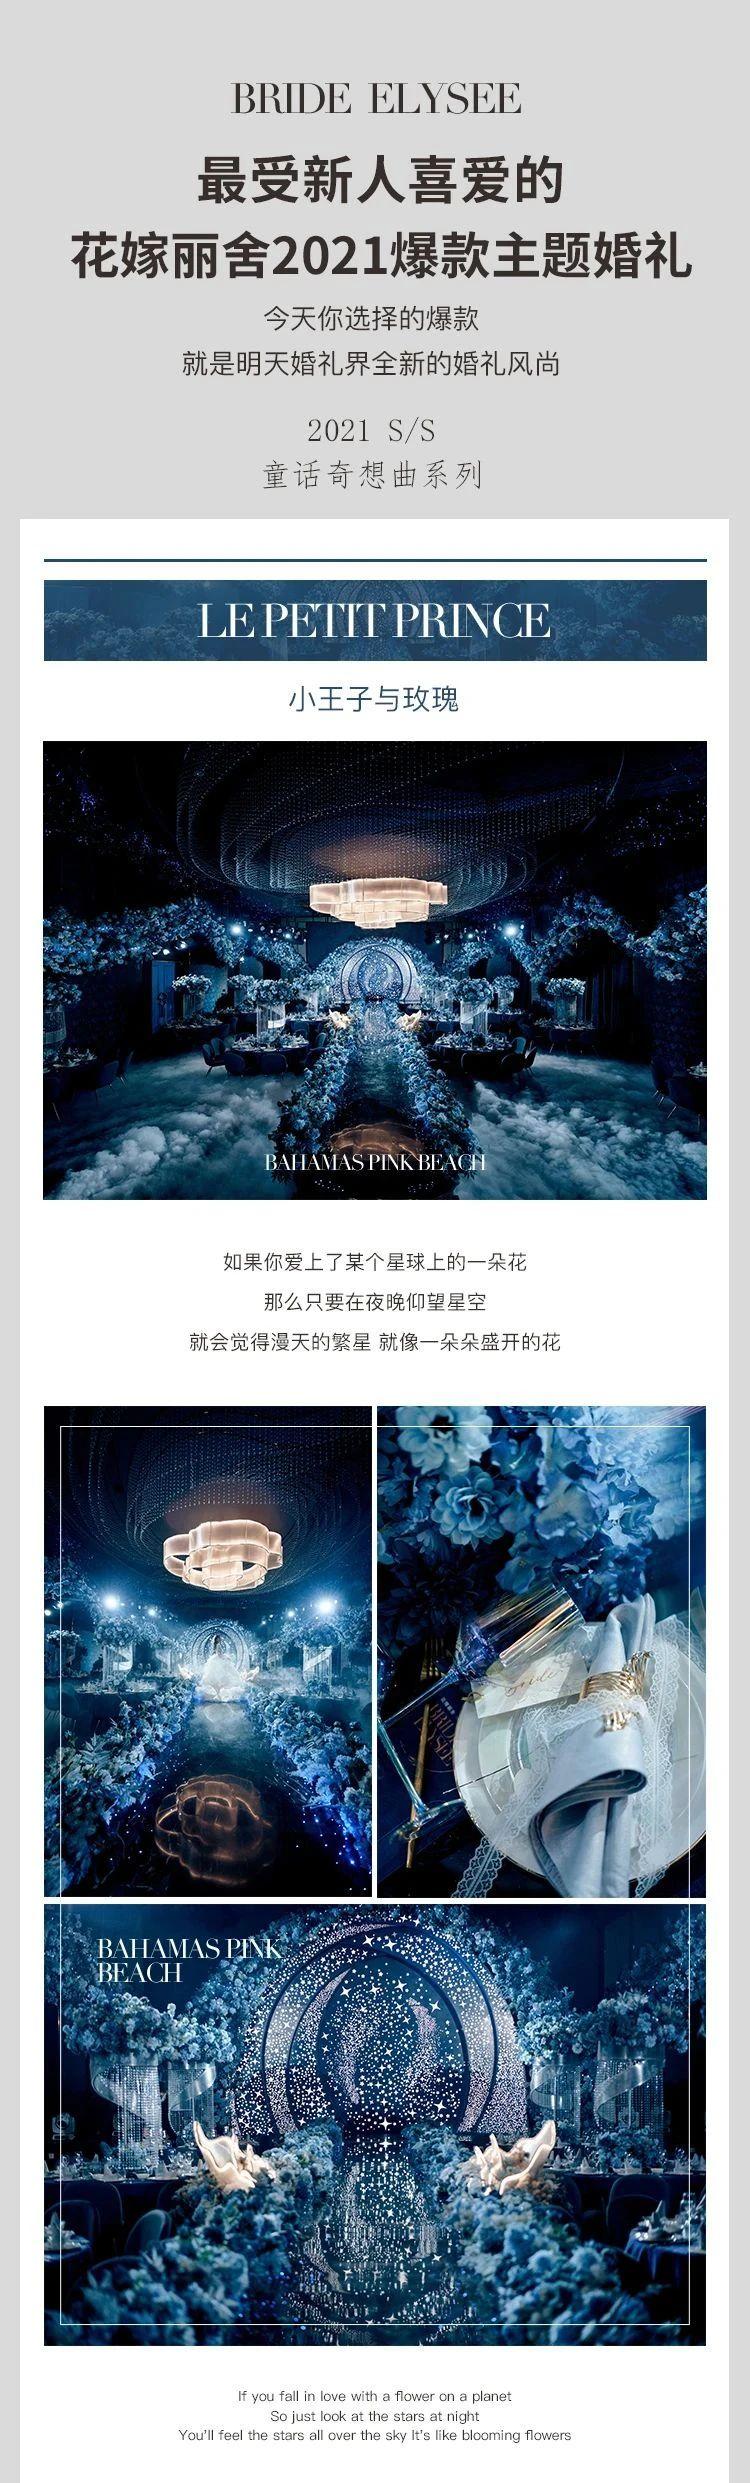 婚礼堂发布:花嫁丽舍X蔡上,打造2021《皇冠上的宝石》  第10张